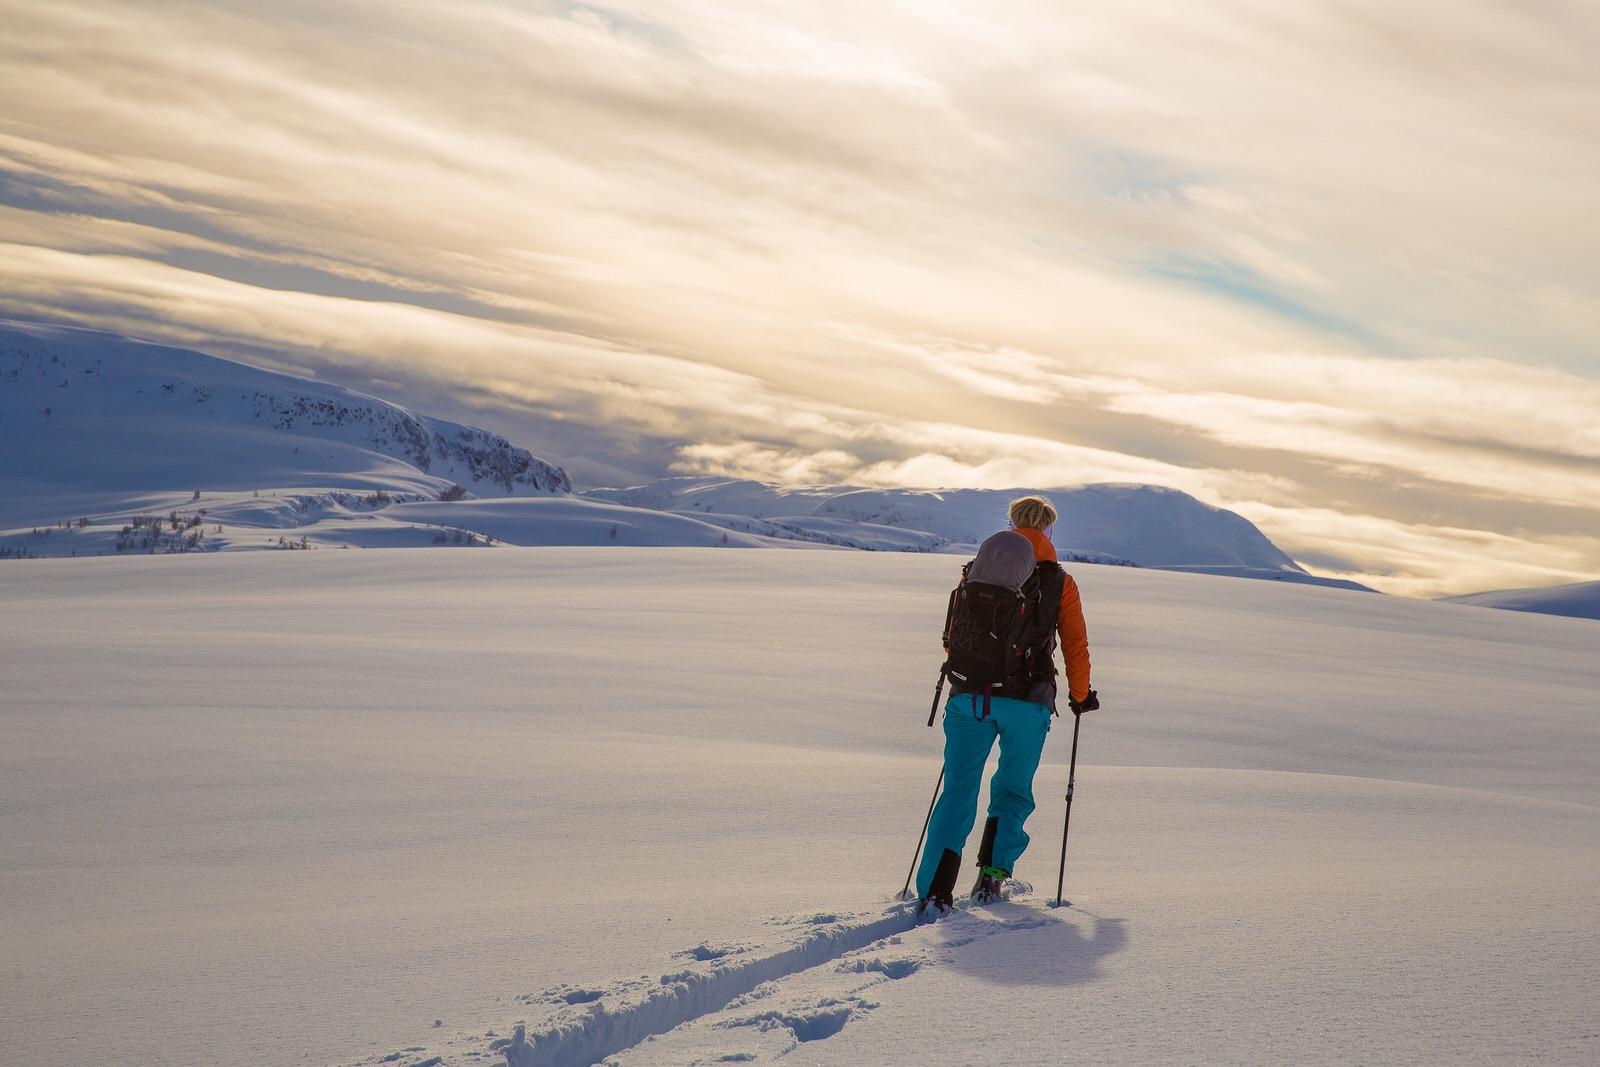 Sogndal - Sogndal har lett tilgang til fjord og fantastiske fjell sommar og vinter. Dette er staden for deg som vil ha ein køfri kvardag der du rekk det meste innan 10-15 minuttar. Sogndal er kåra til den 9. beste kommunen i landet i NHO sin kommune-rangering. Vi er også ein av dei kommunane som kan vise til tilflytting, spesielt av yngre, velutdanna personar. Gasta har moderne kontor på Campus Sogndal, der også ca. 50 andre bedrifter har tilhald…og så er det 10 minuttar med bil til snø og toppturar.Foto: Håvard Nesbø